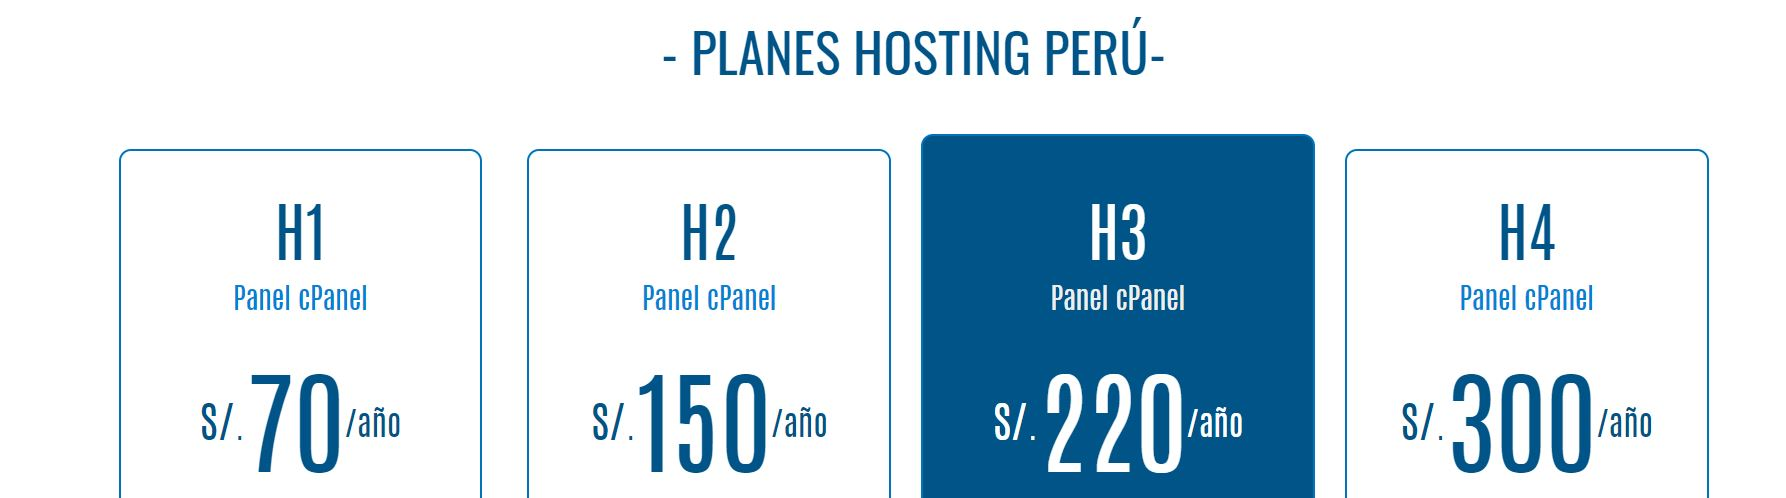 Los planes de hosting Perú tienen diferentes precios adaptados a los usuarios.